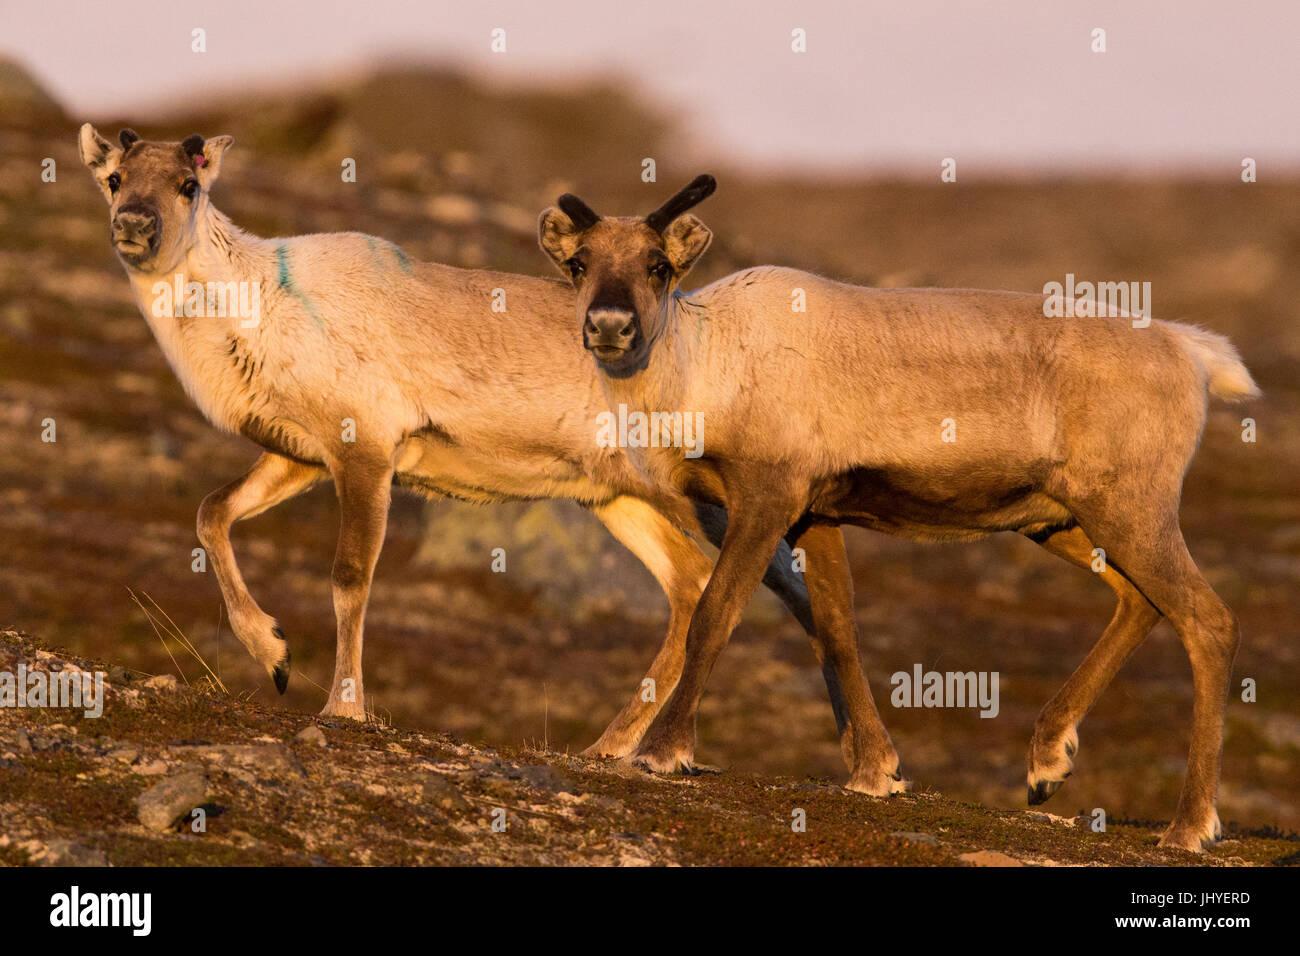 Reindeer (Rangifer tarandus), two individuals walking in tundra landscape at sunset - Stock Image